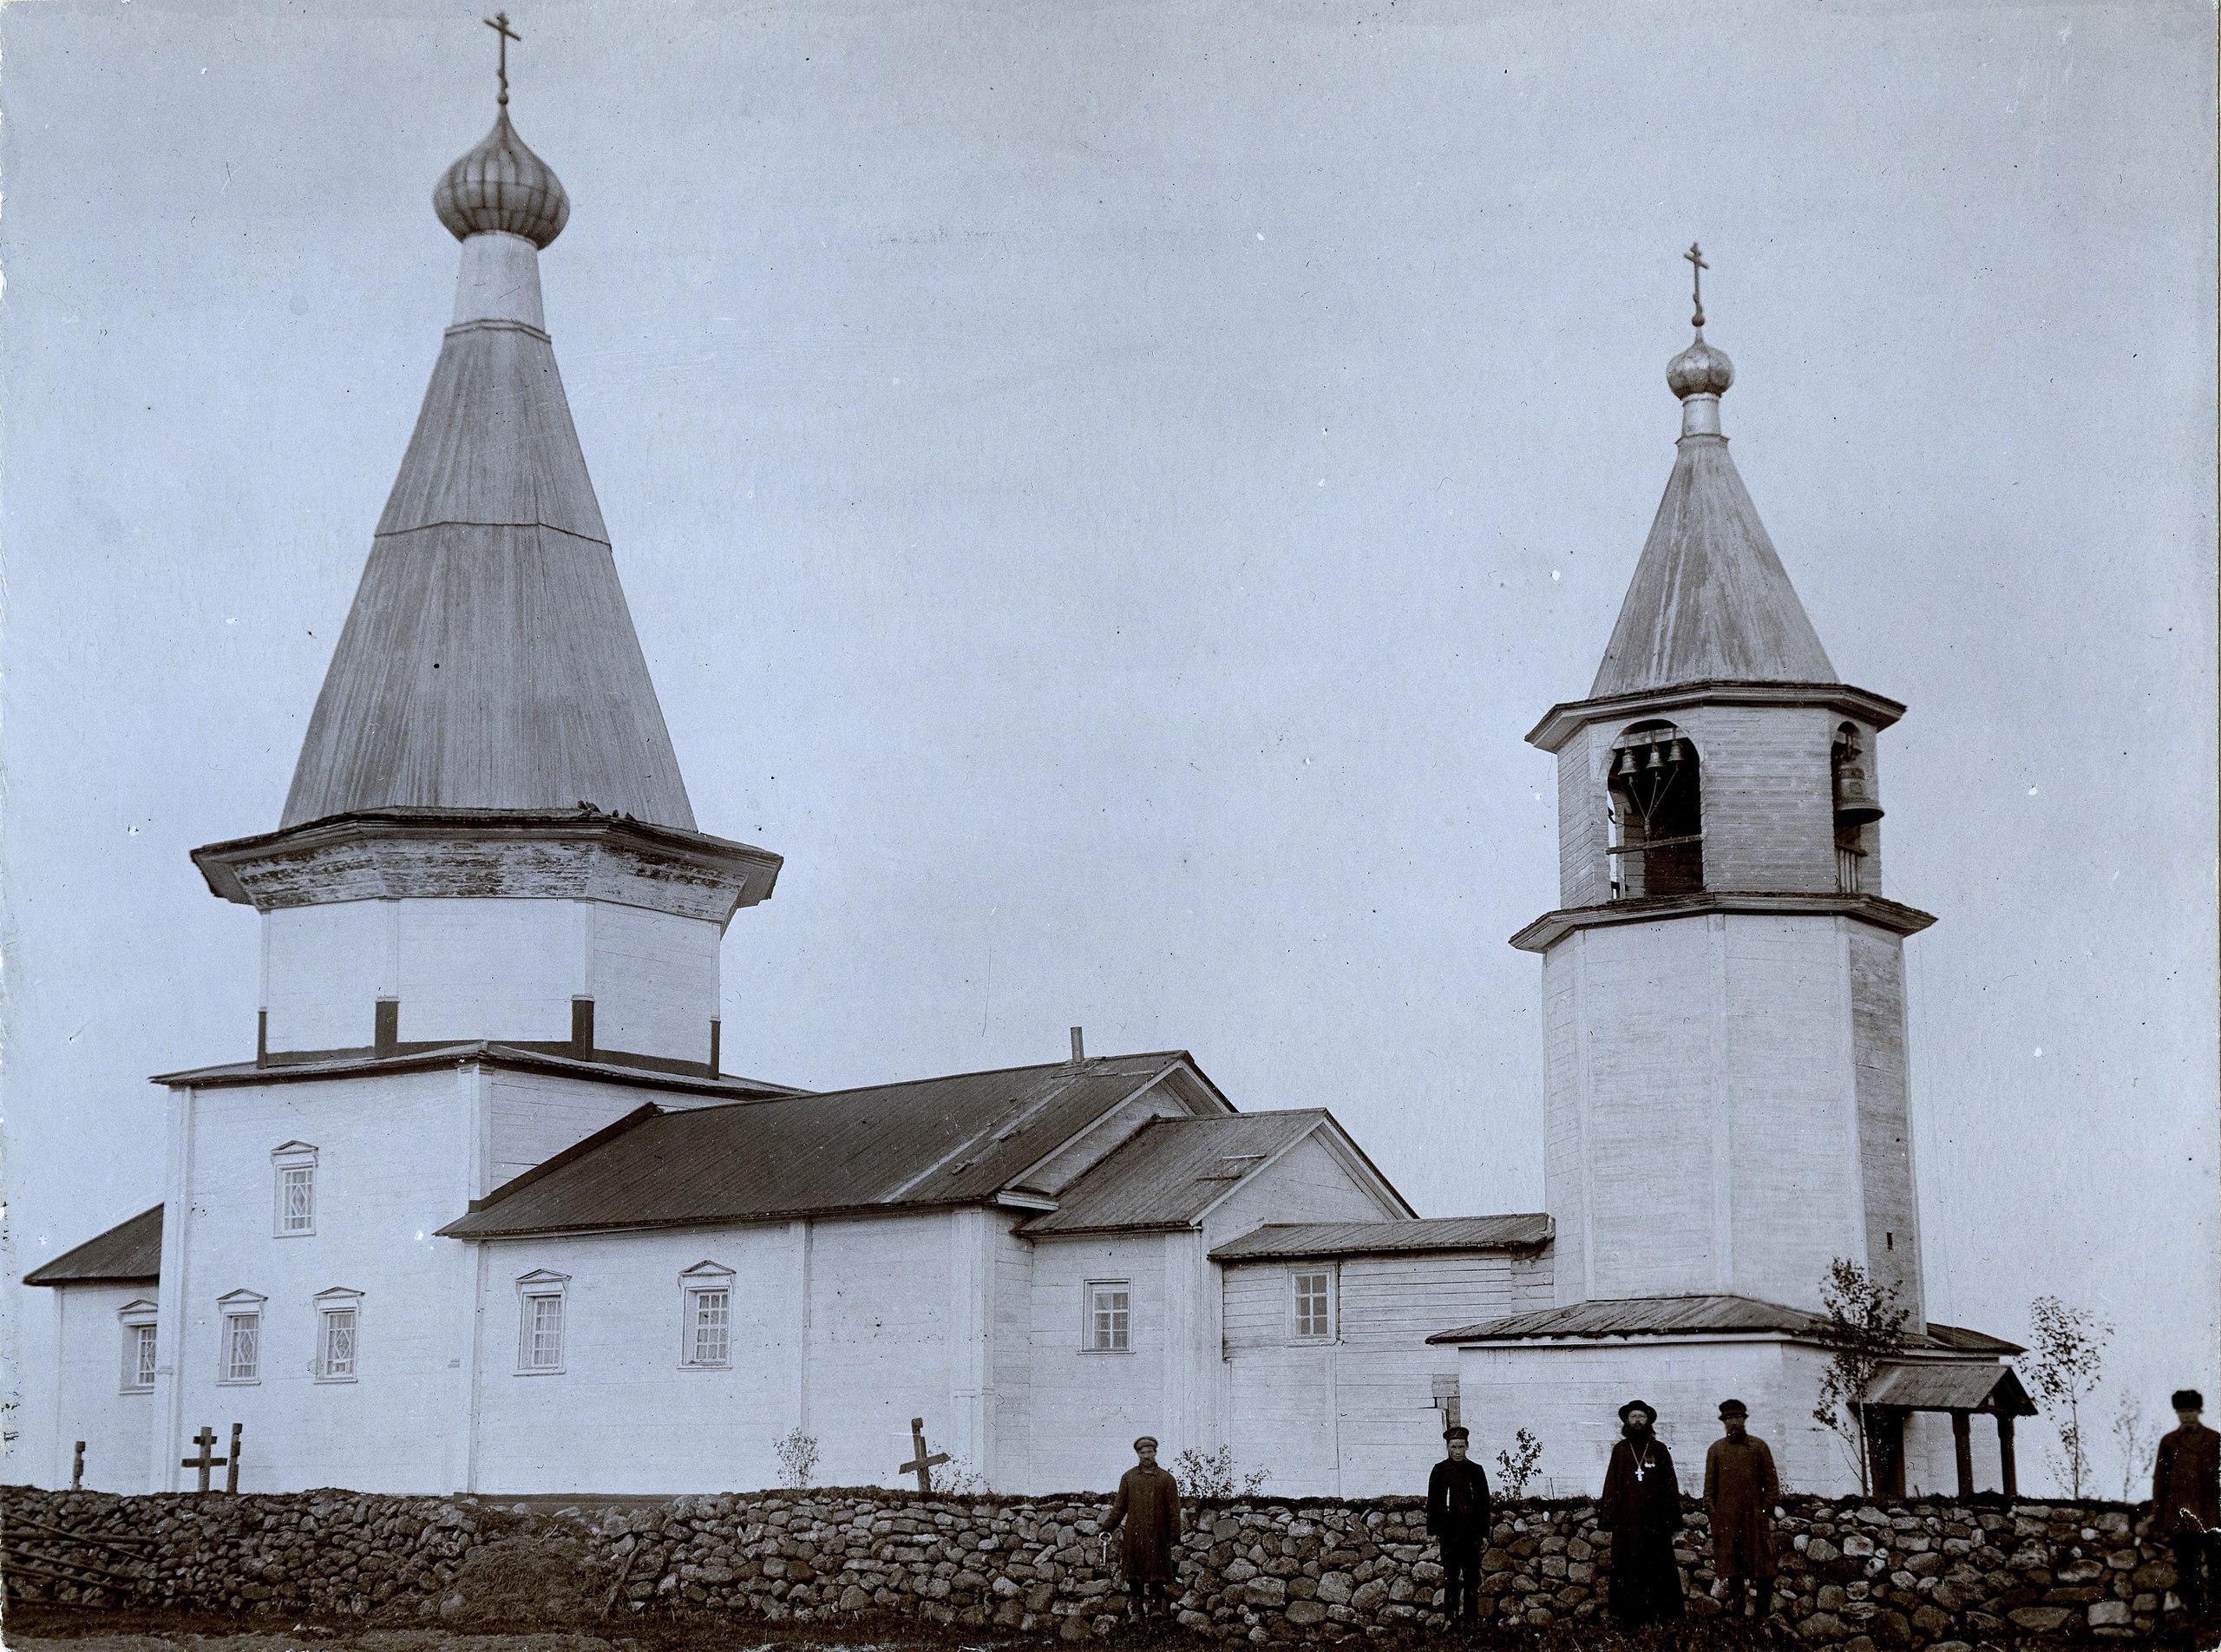 Окрестности Каргополя. Чурилово